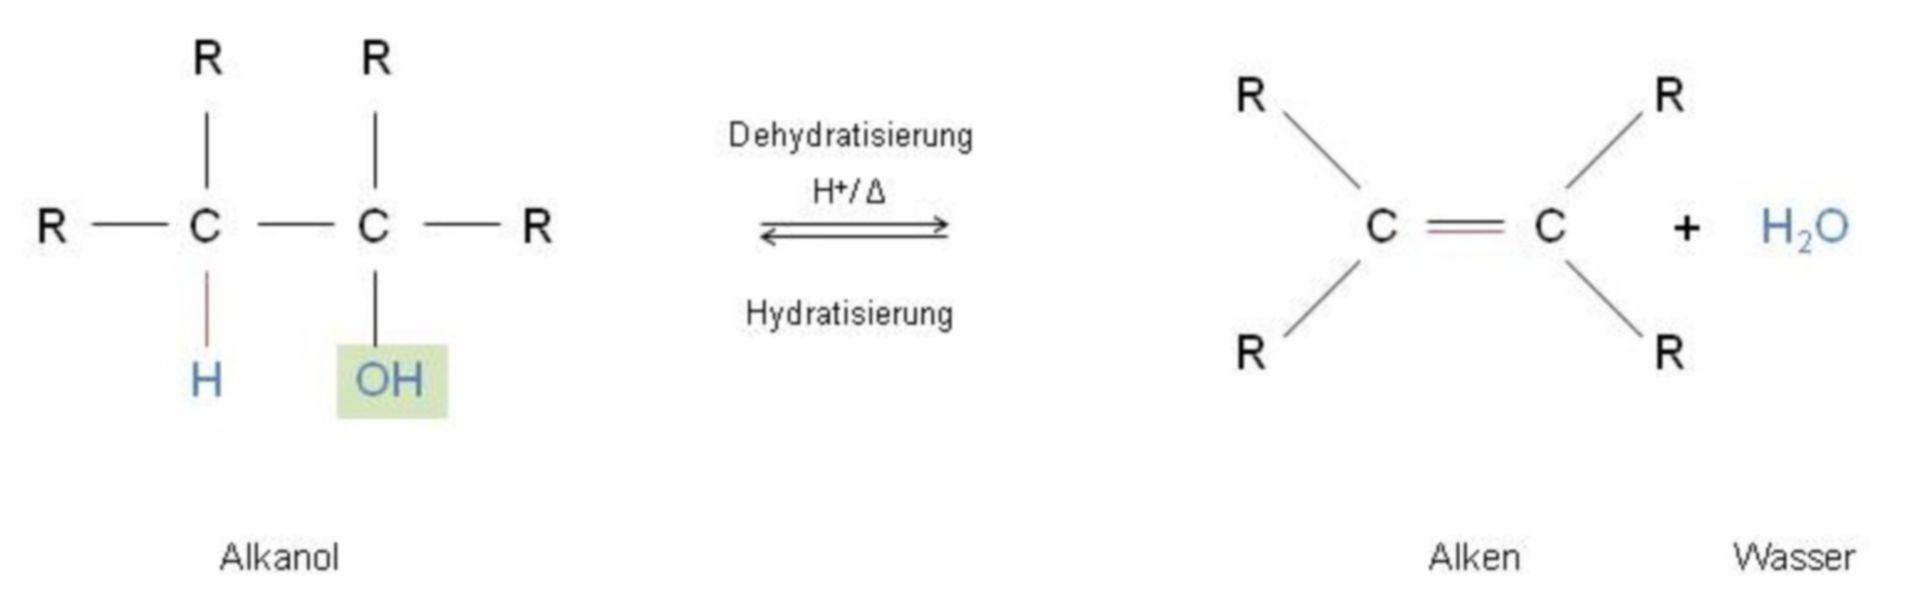 Dehydratisierung von Alkanol